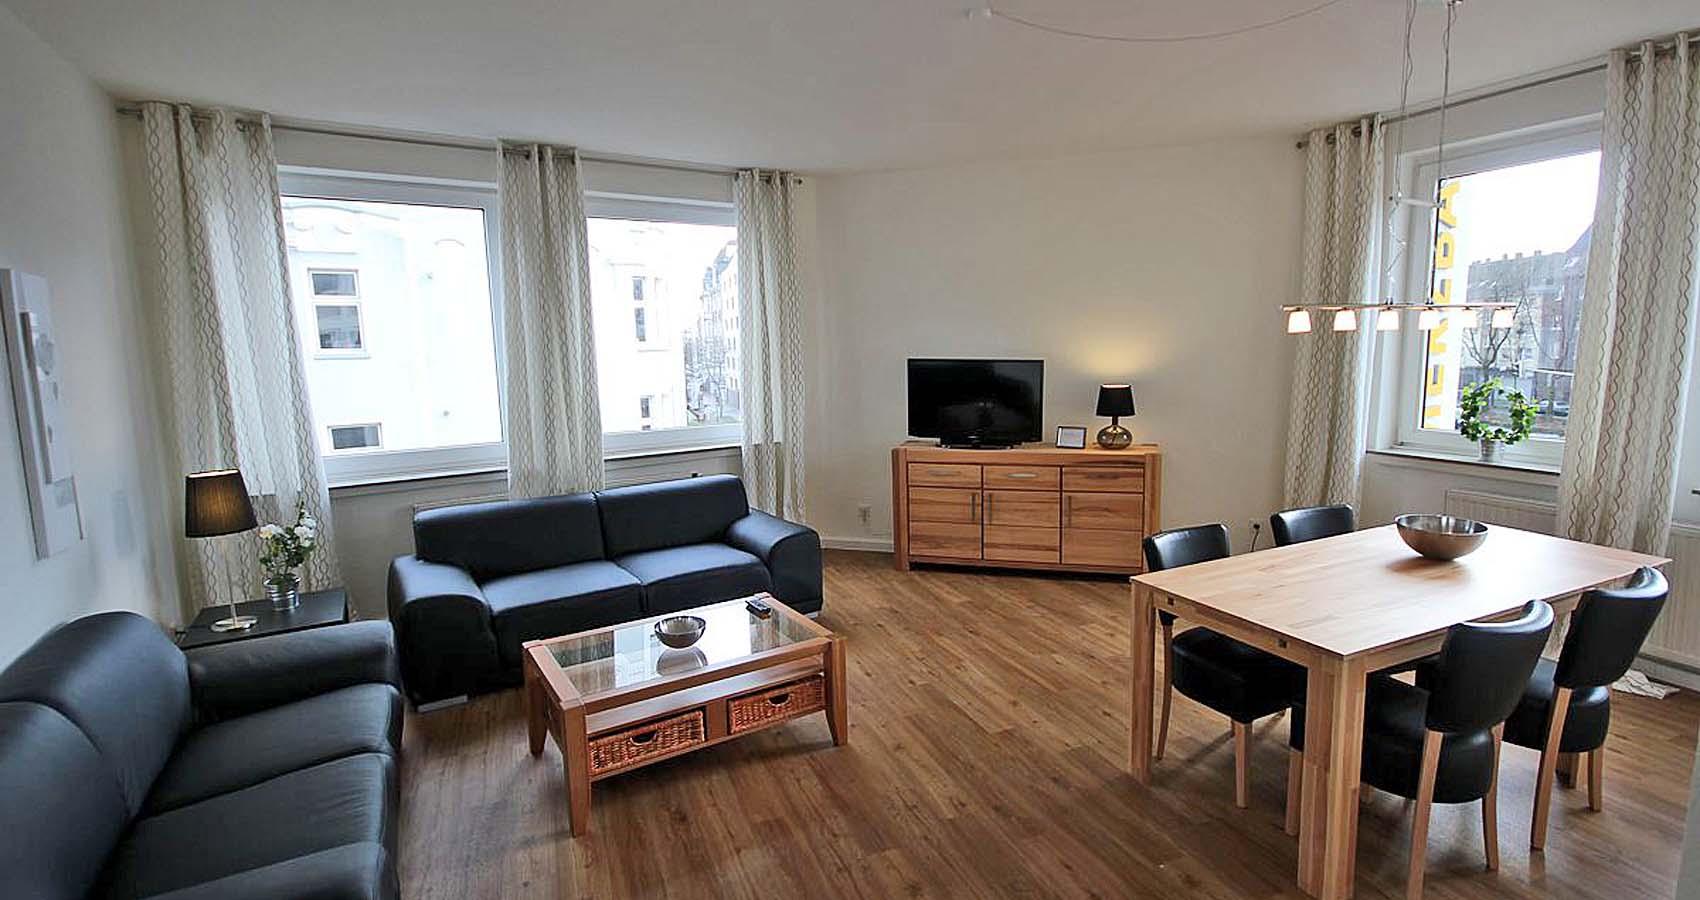 M nsterstra e 105 3 og rechts wohnen auf zeit in dortmund - Wohnzimmer dortmund ...